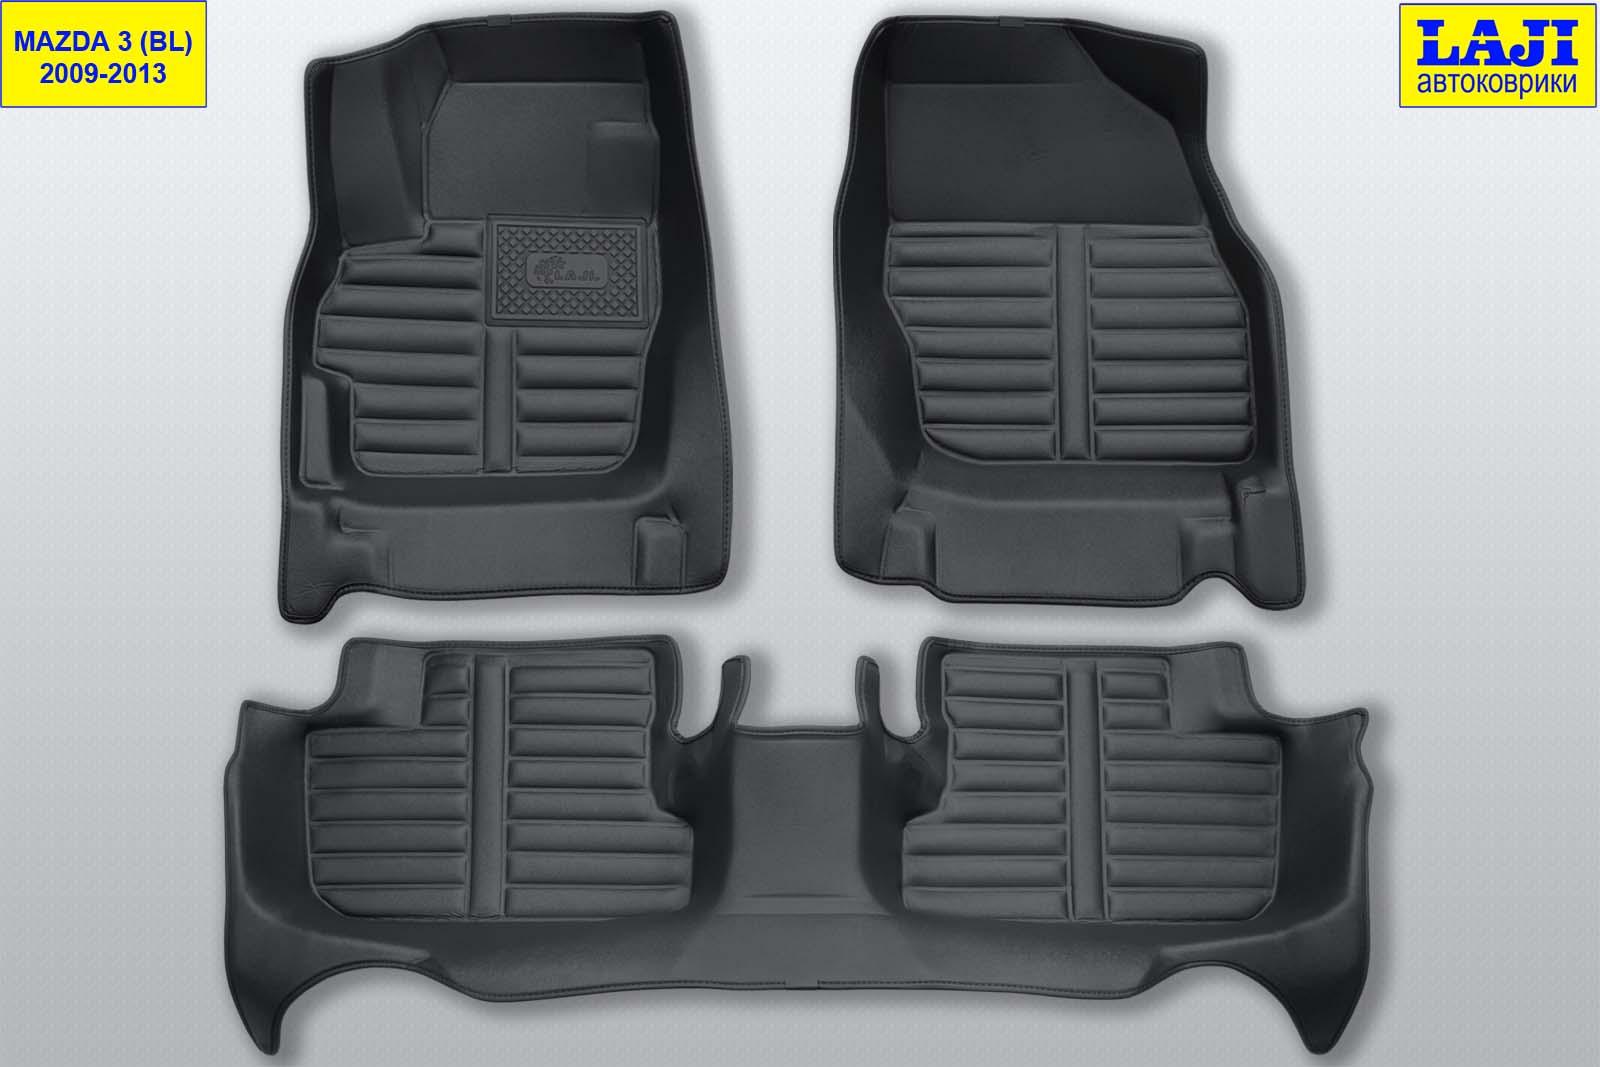 5D коврики в салон Mazda 3 BL 2009-2013 1